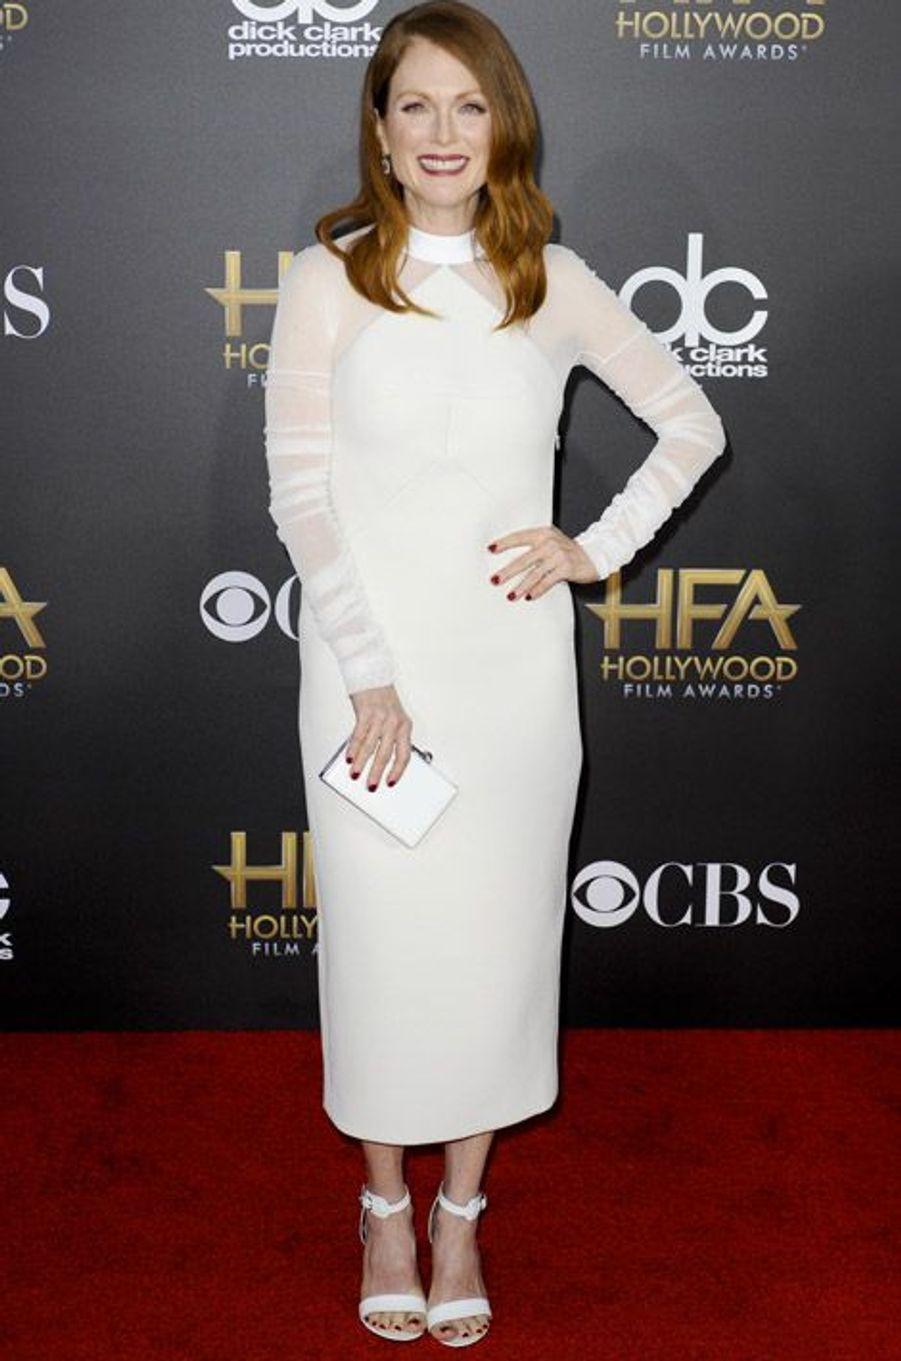 L'actrice Julianne Moore en Balenciaga lors de la cérémonie Hollywood film Awards, à Los Angeles le 15 novembre 2014